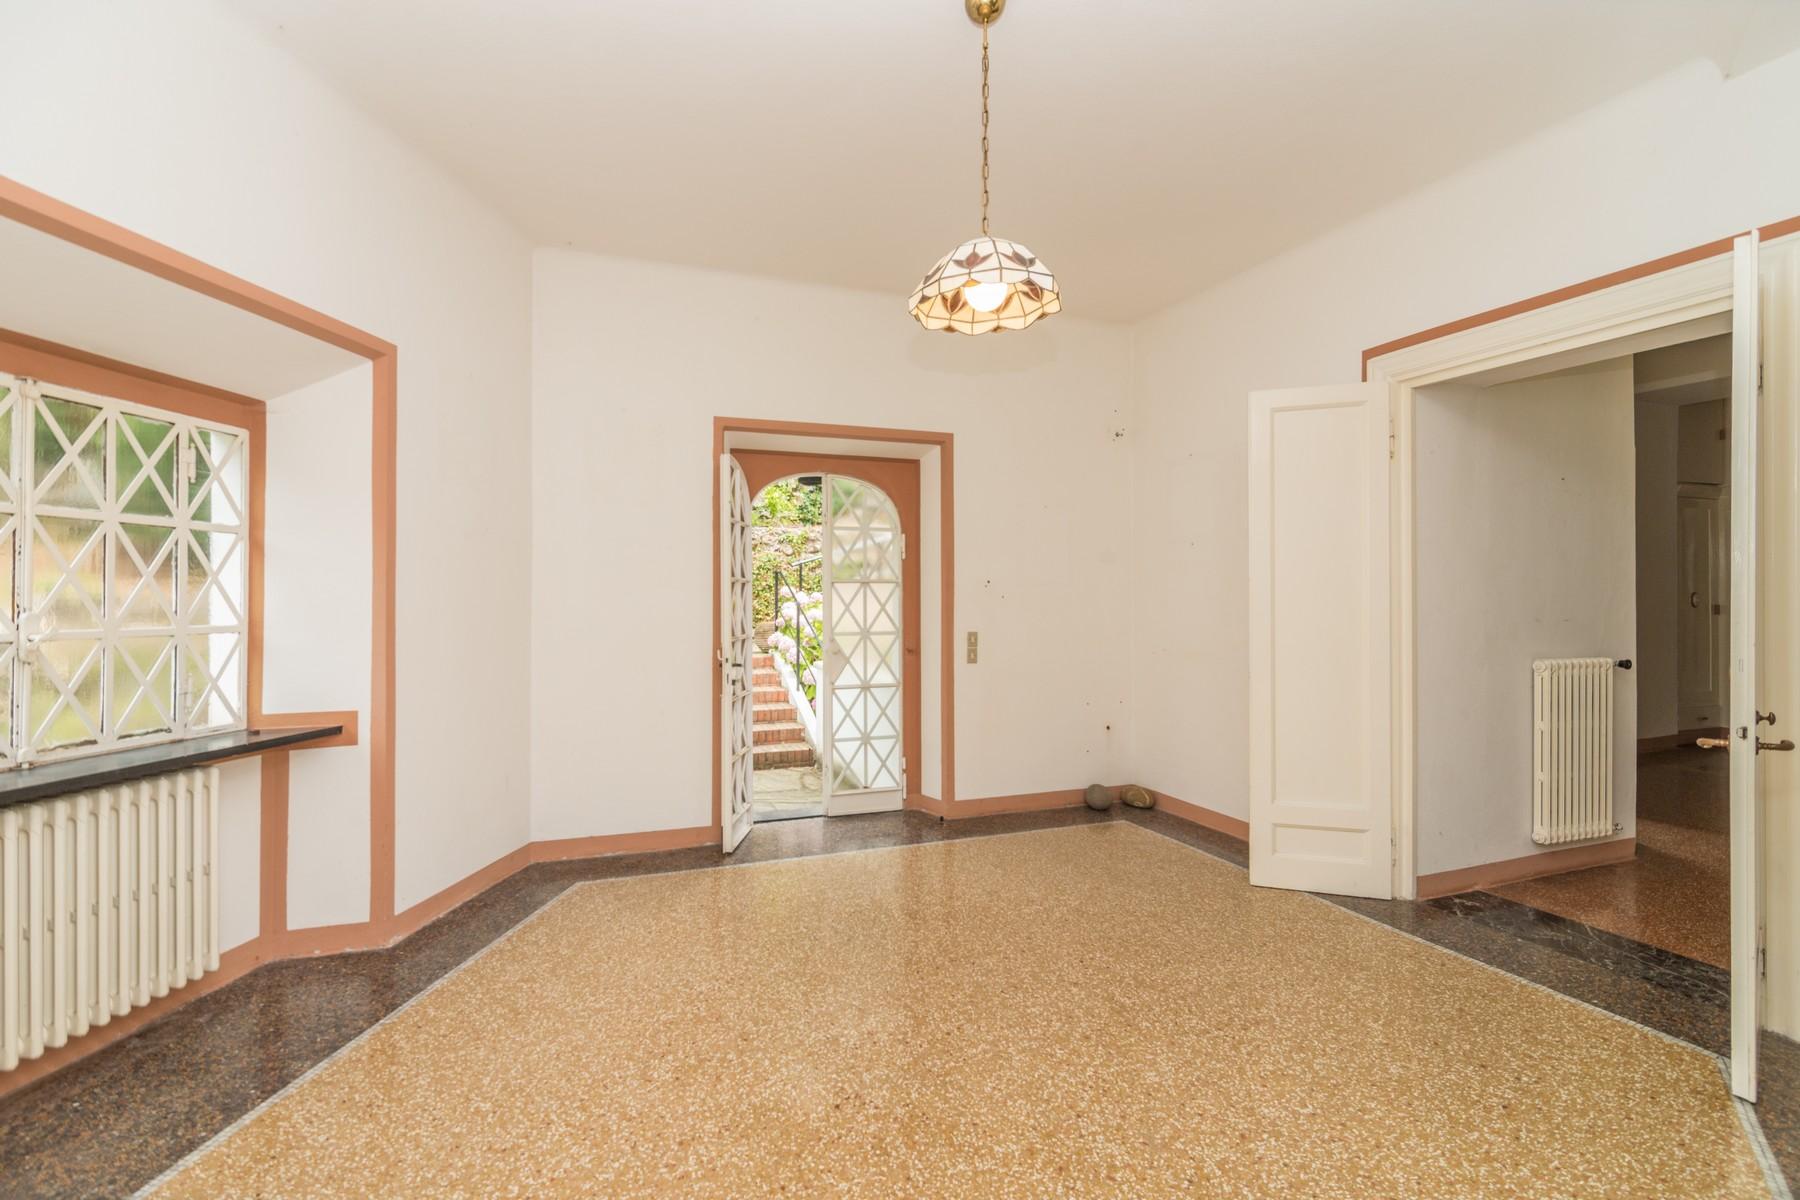 Appartamento in Vendita a Santa Margherita Ligure: 5 locali, 230 mq - Foto 6